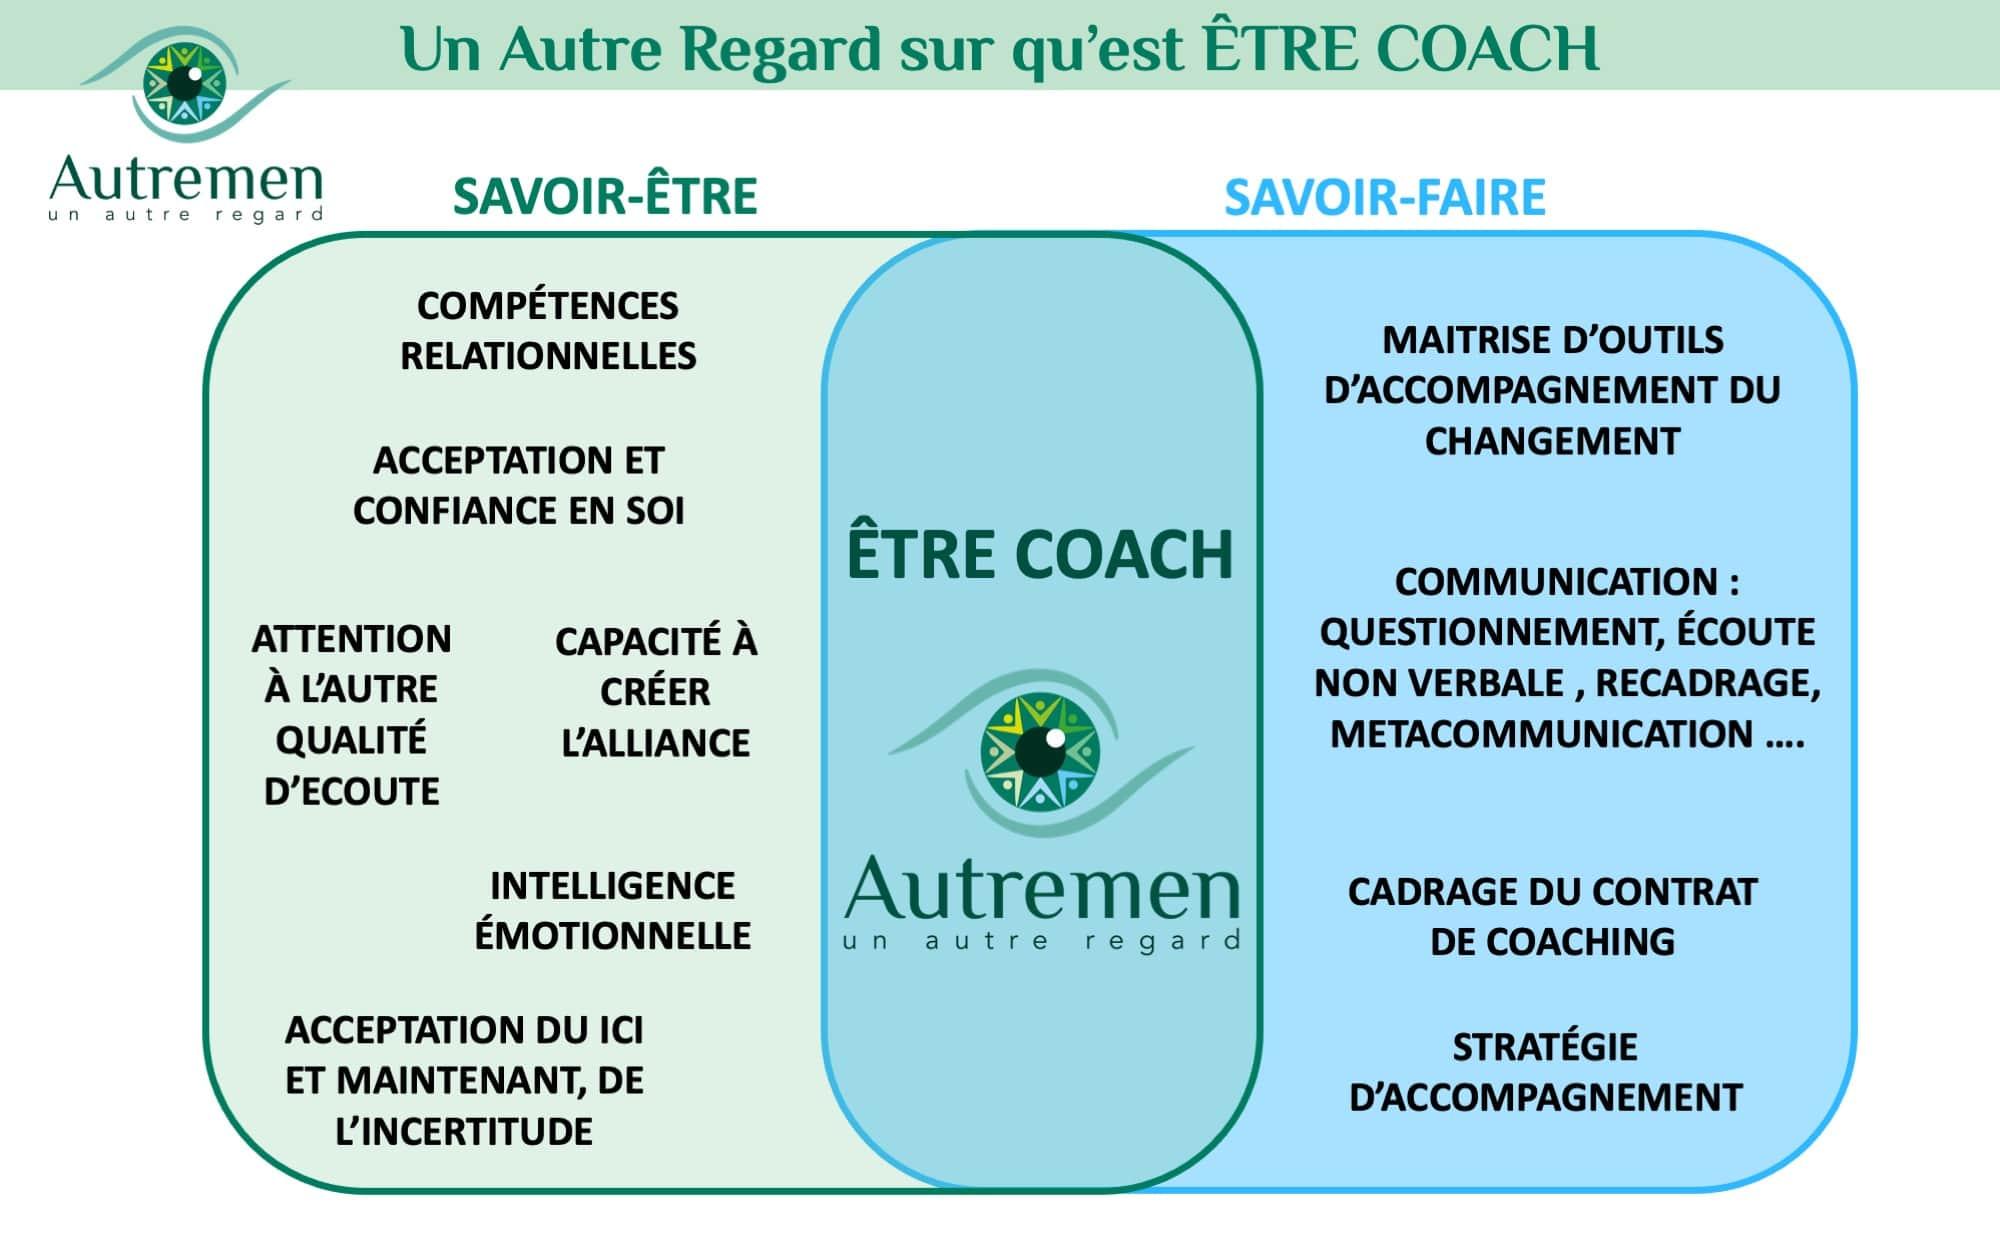 Un Autre Regard sur qu'est-ce qu'Être coach?